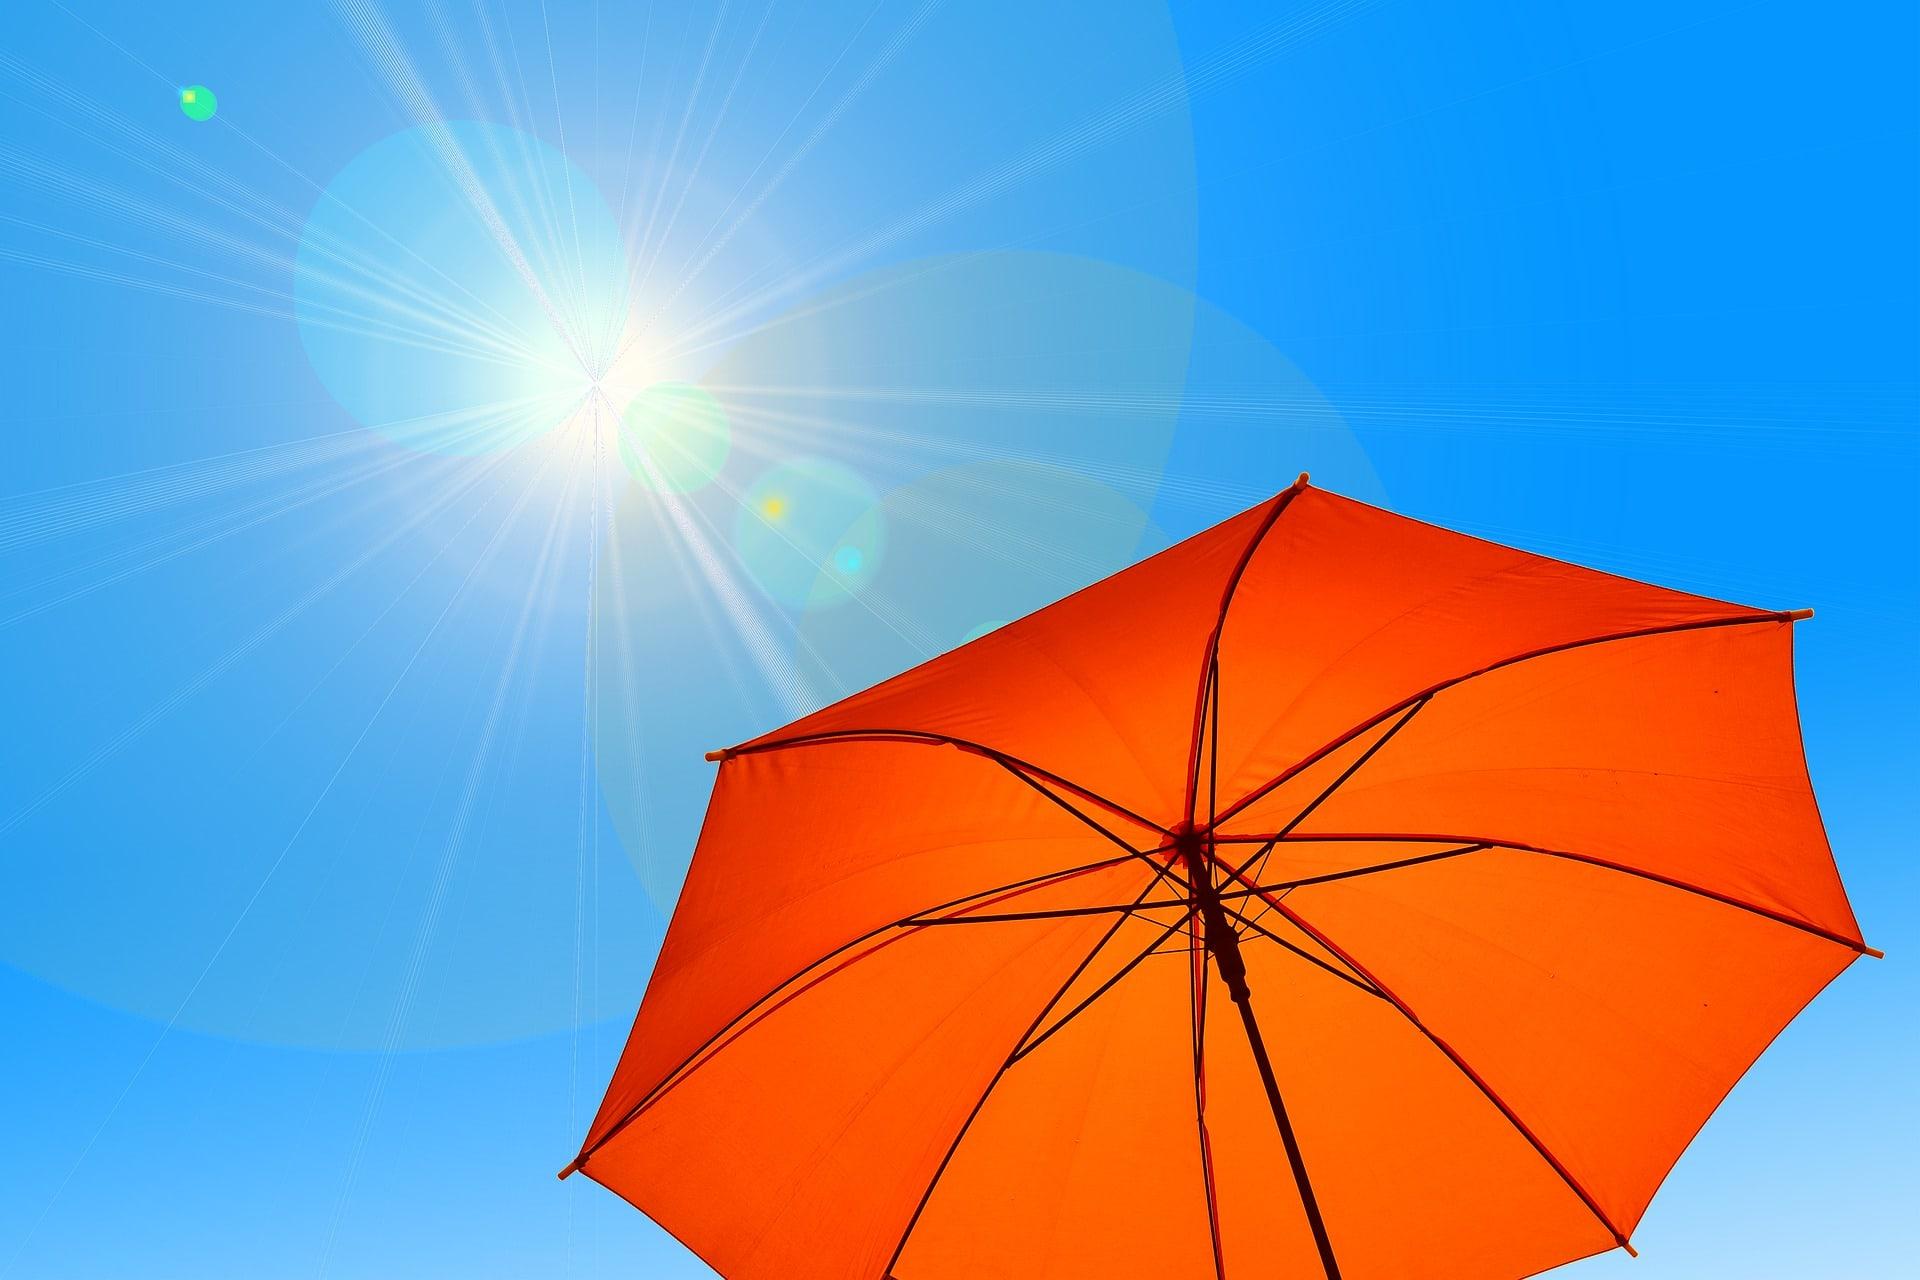 Sommer, Sonne, Kreislaufkollaps Hohe Temperaturen können die Gesundheit gefährden